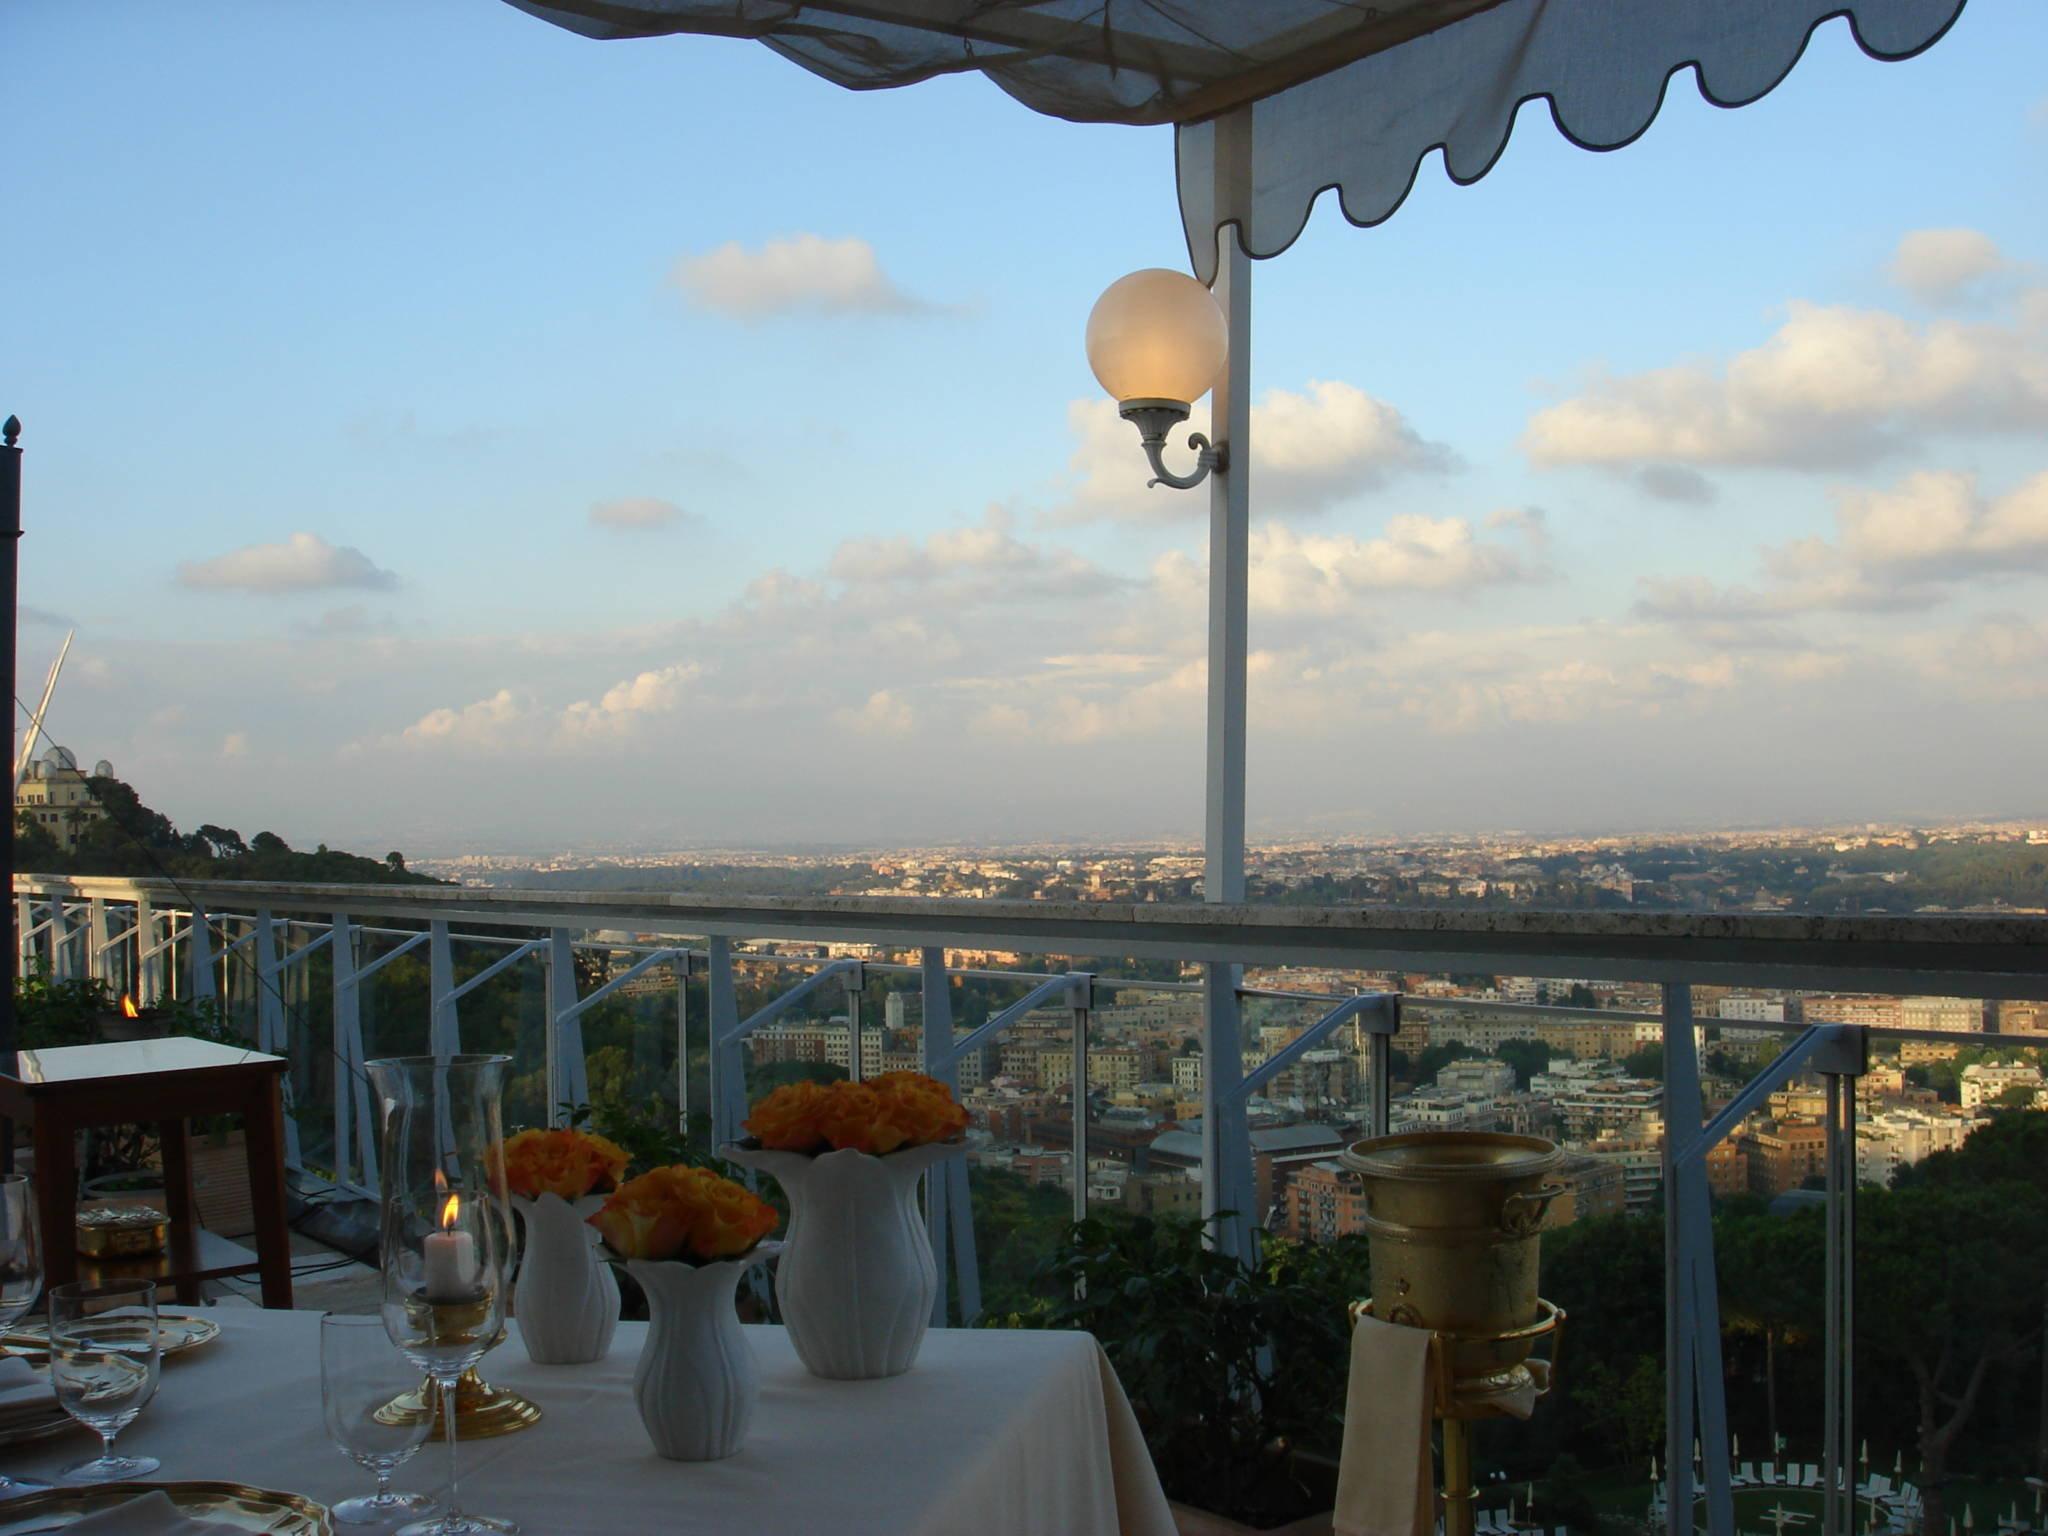 I 10 migliori ristoranti di lusso secondo tripadvisor for La pergola rome